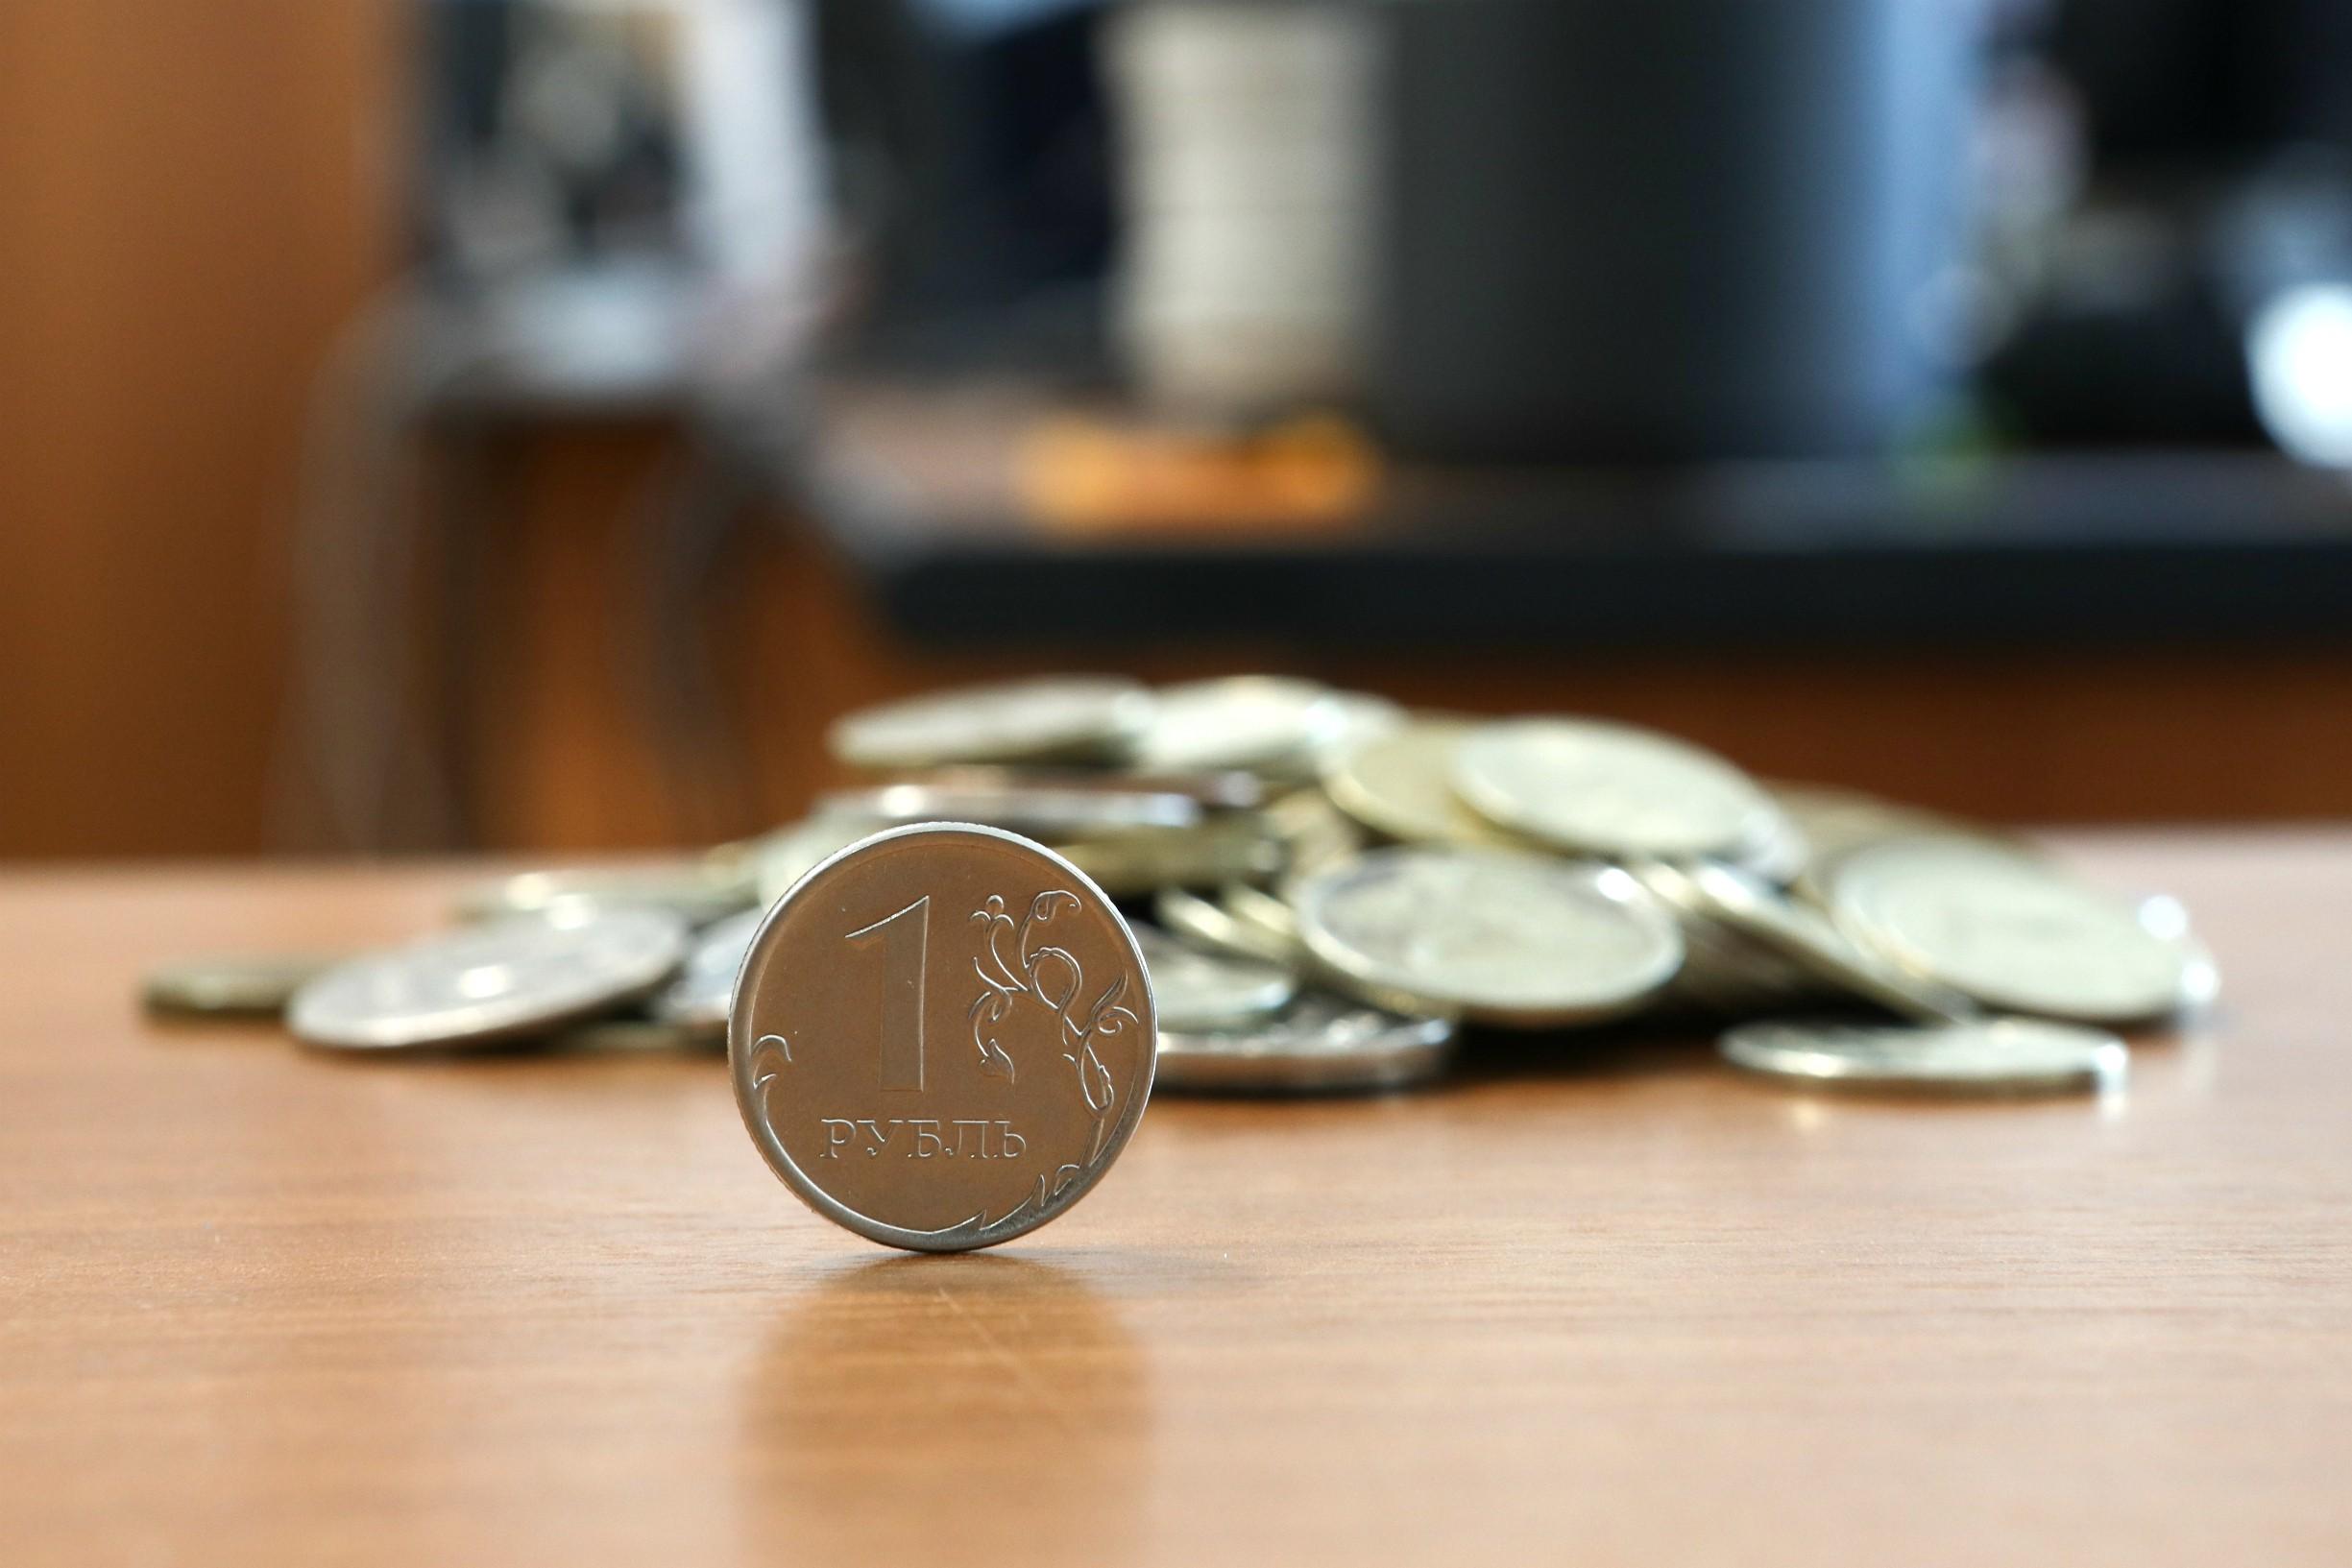 В Госдуме предложили ввести минимальную почасовую оплату труда